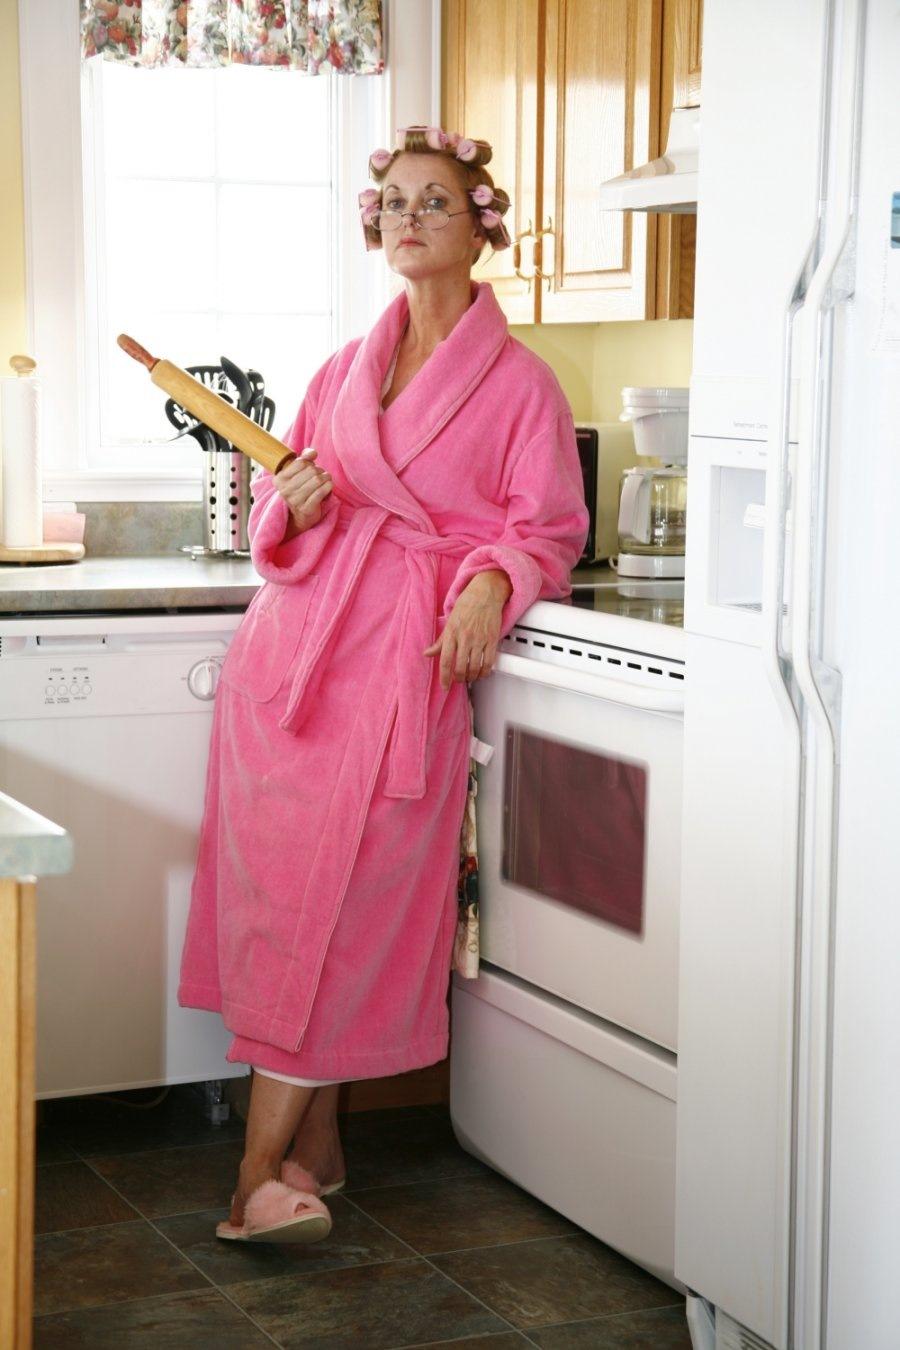 дошел кухнию, мамочки в халате естественно каждый